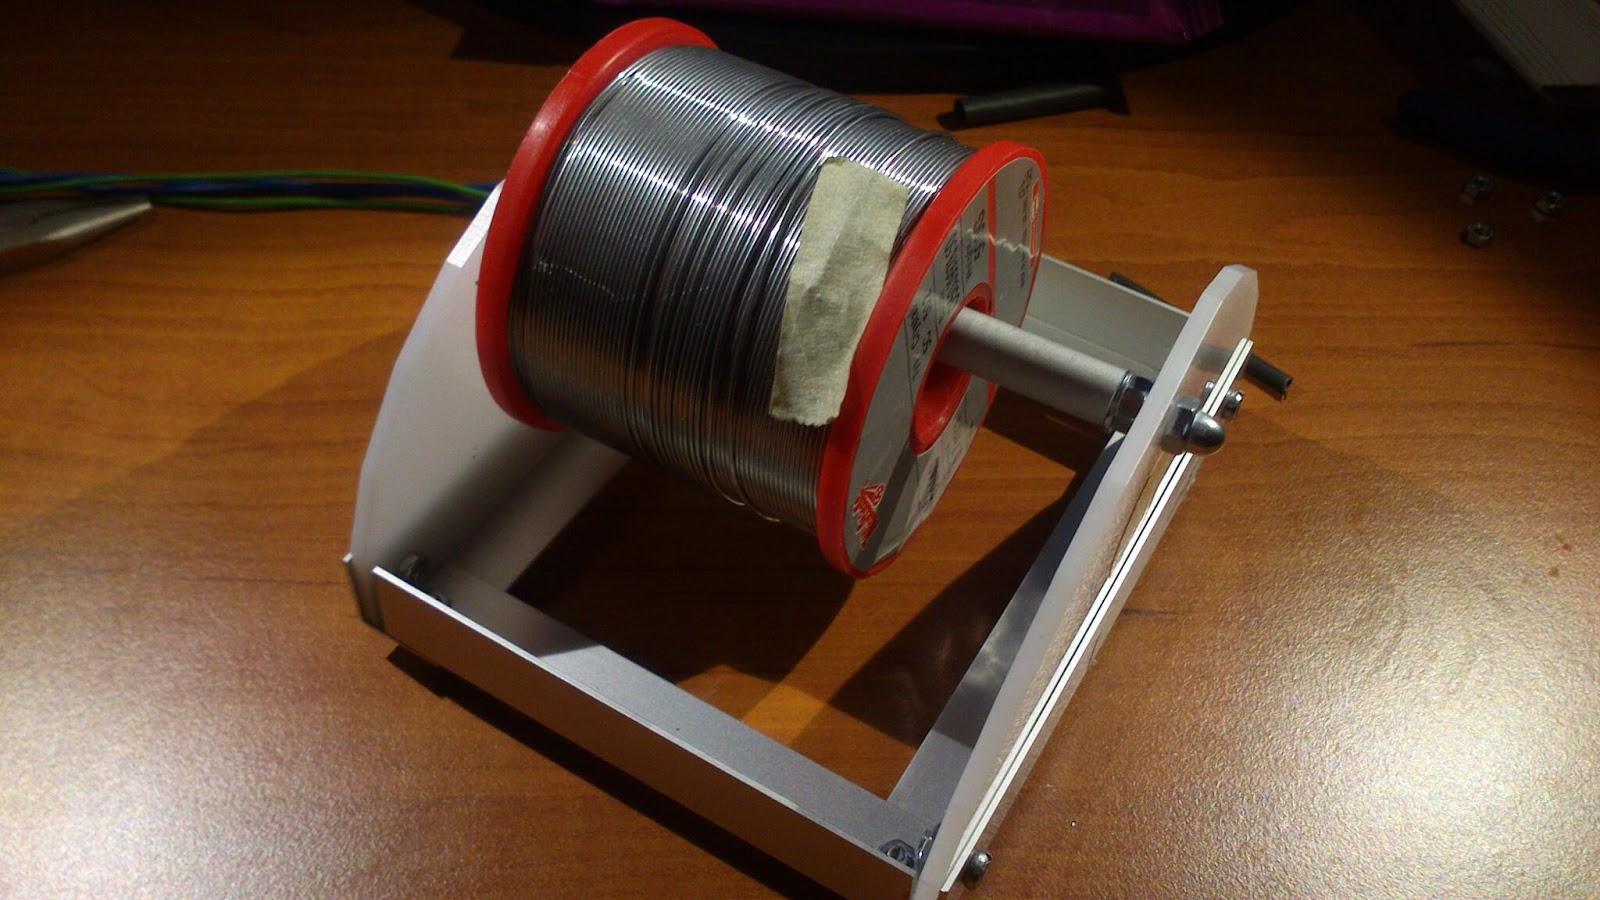 Progetti fai da te elettronica montare motore elettrico for Progetti fai da te pdf